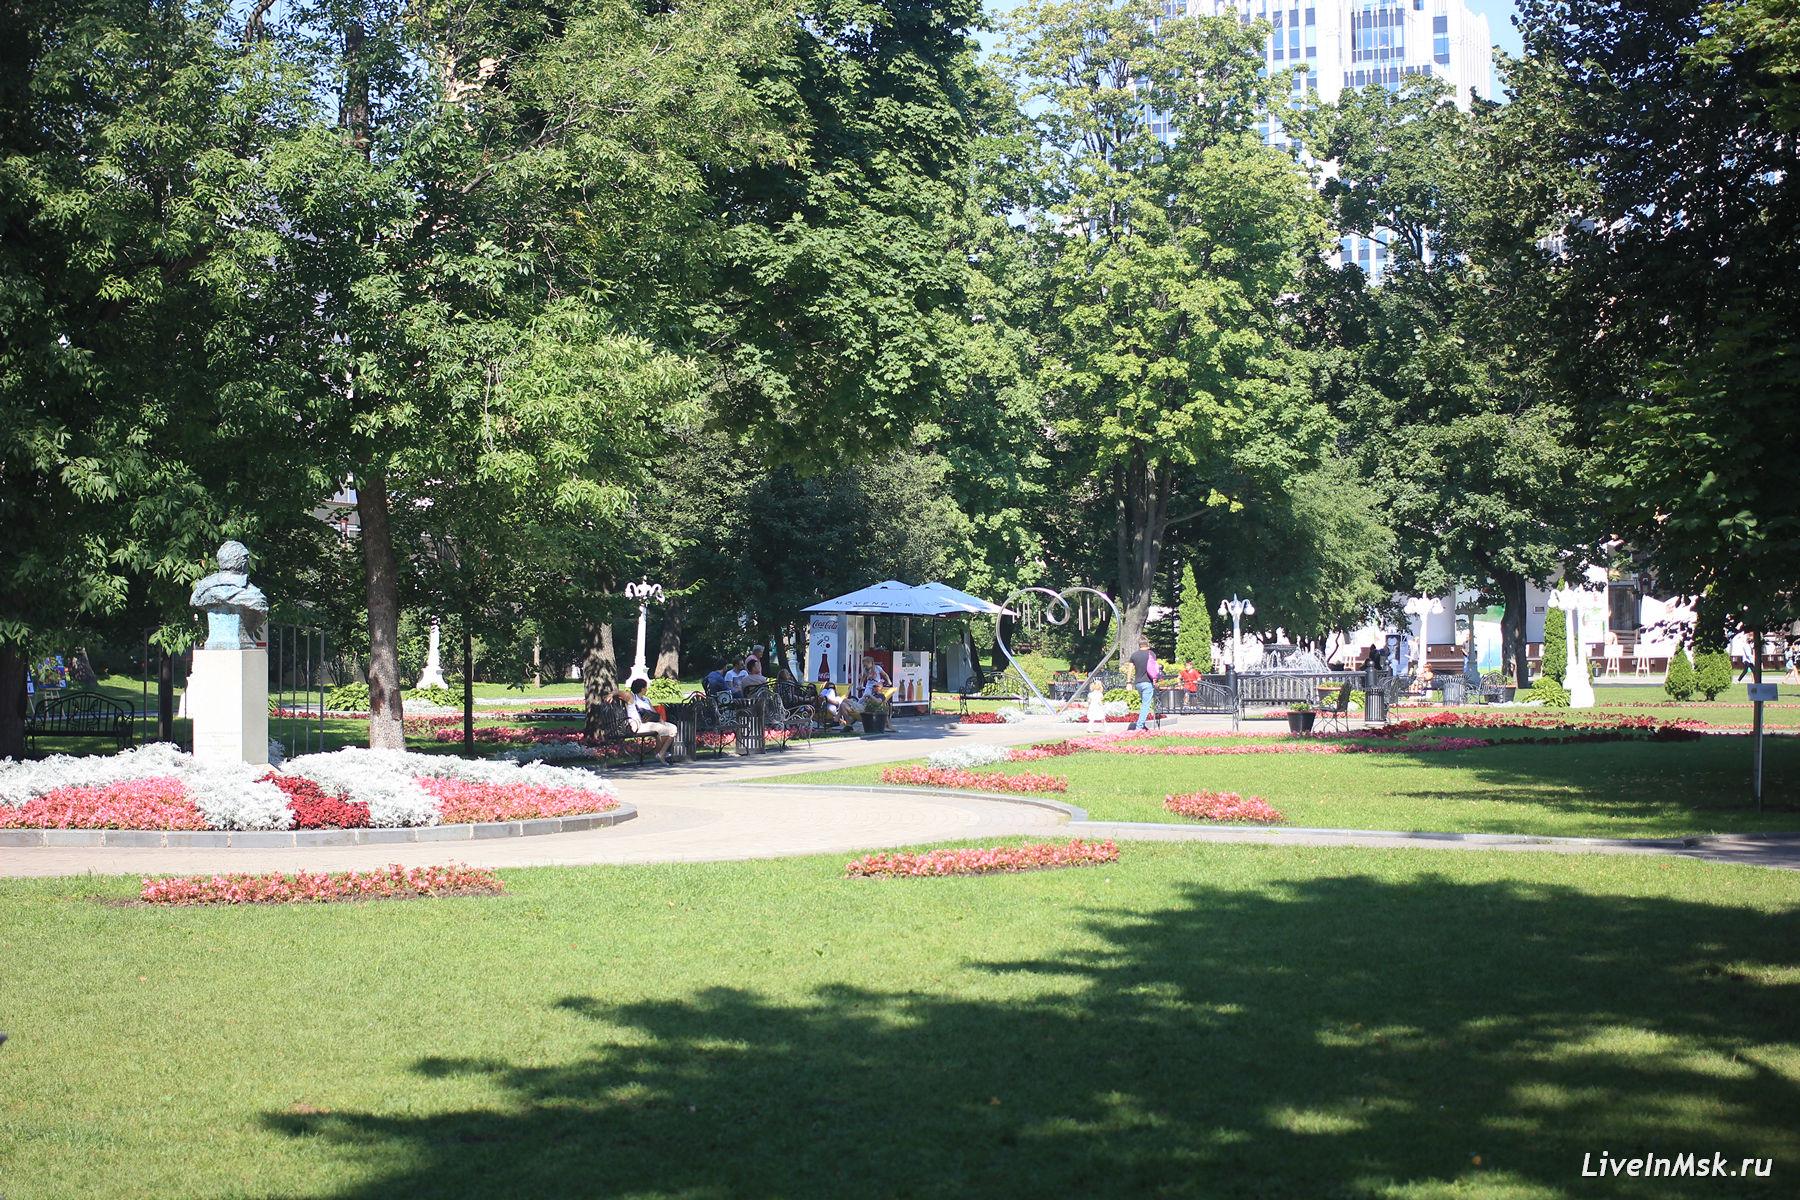 Сад Эрмитаж, фото 2017 года